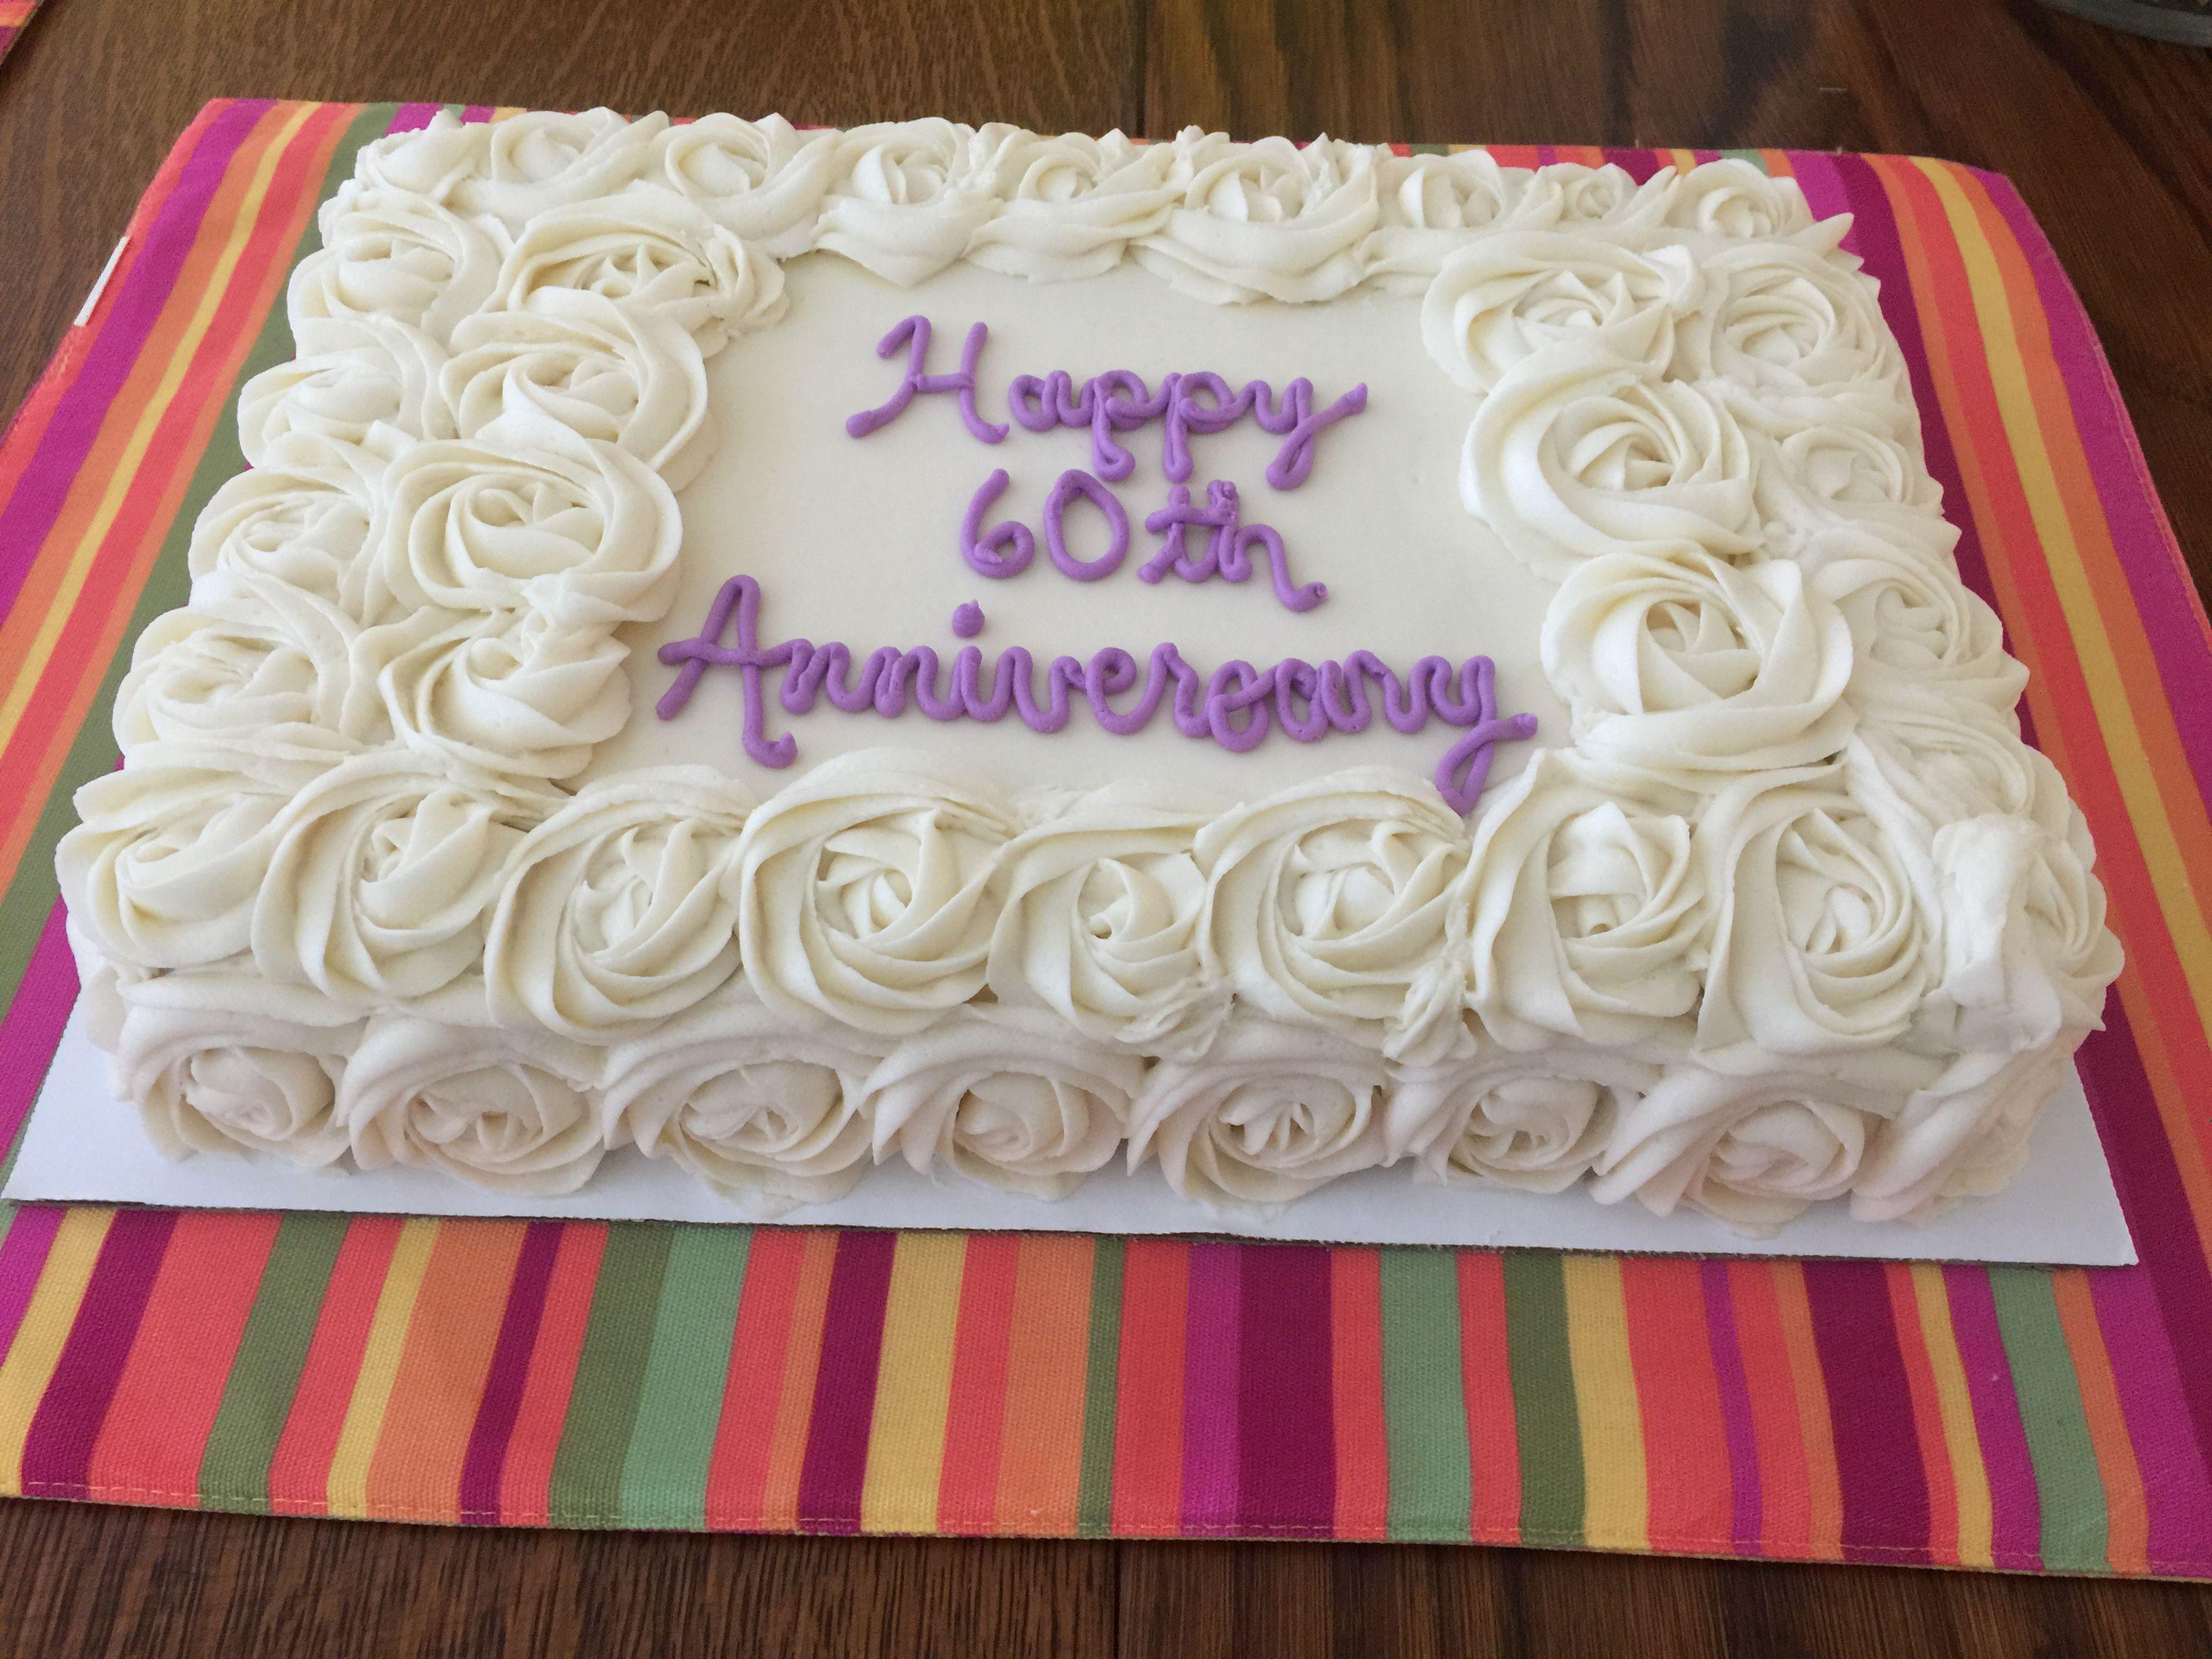 Happy 60th Anniversary! 1/4 Sheet White Cake with Cream